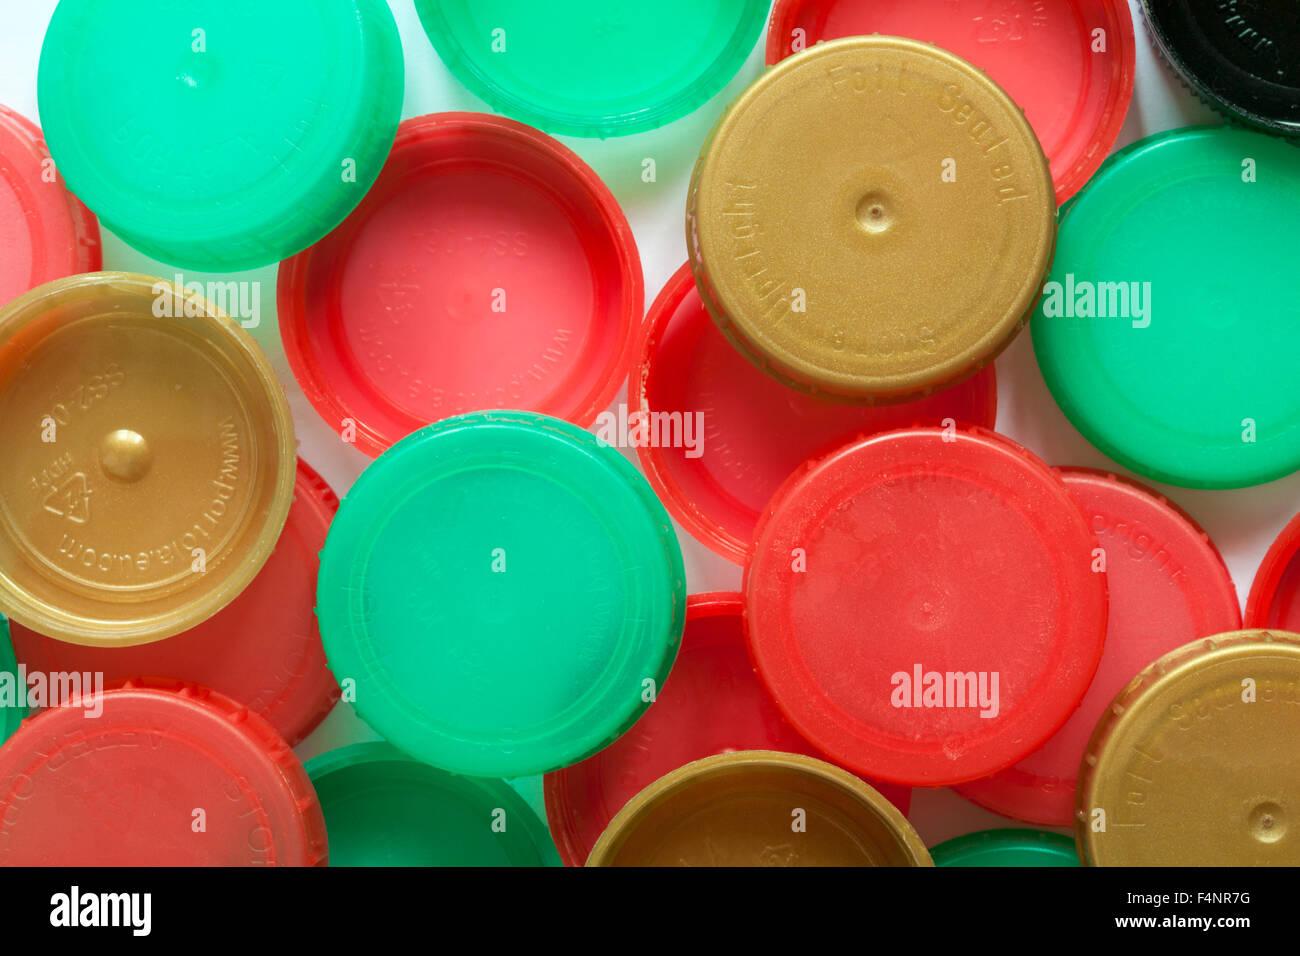 plastic bottle tops - Stock Image